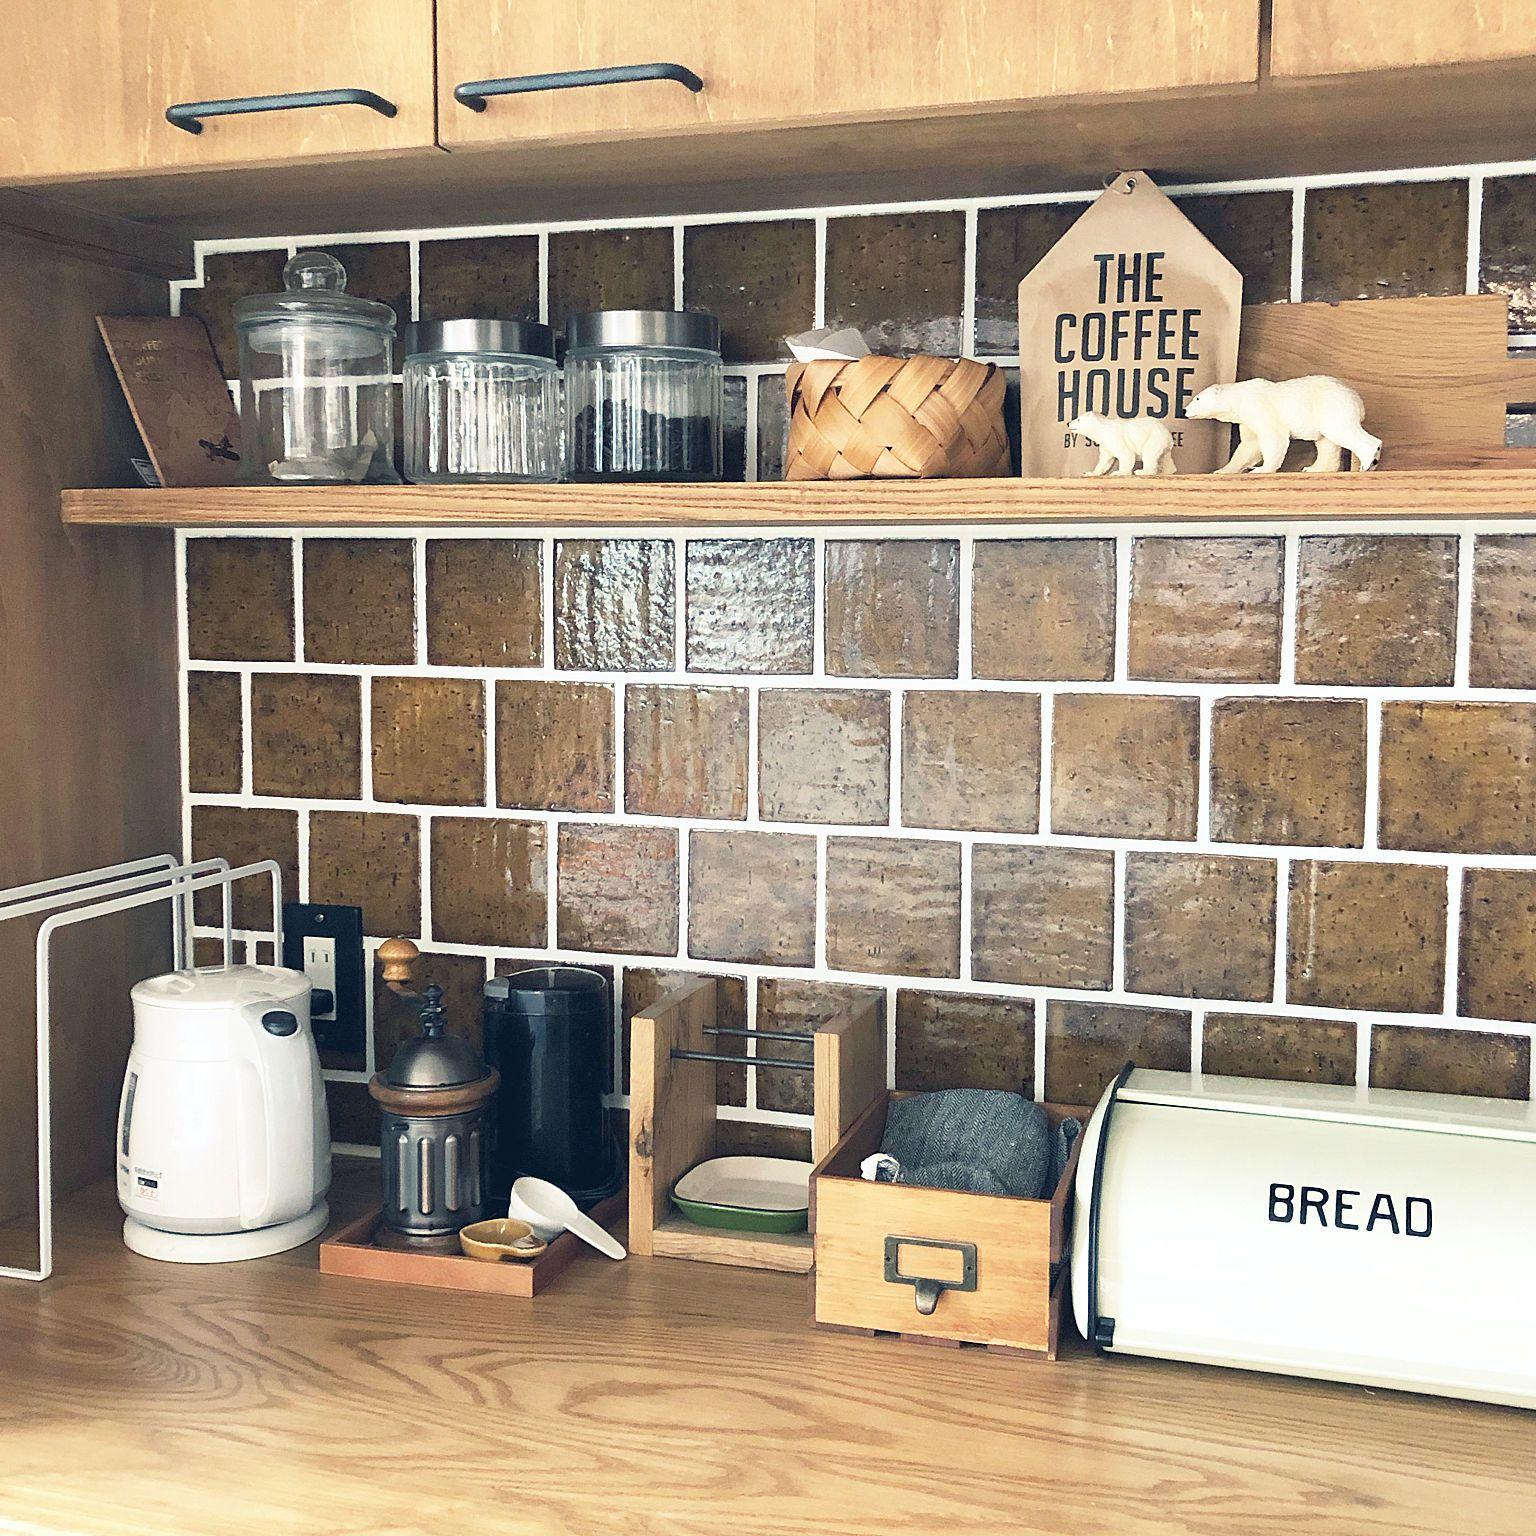 キッチン 飾り棚 電気ケトル 造作食器棚 キッチンタイル などの